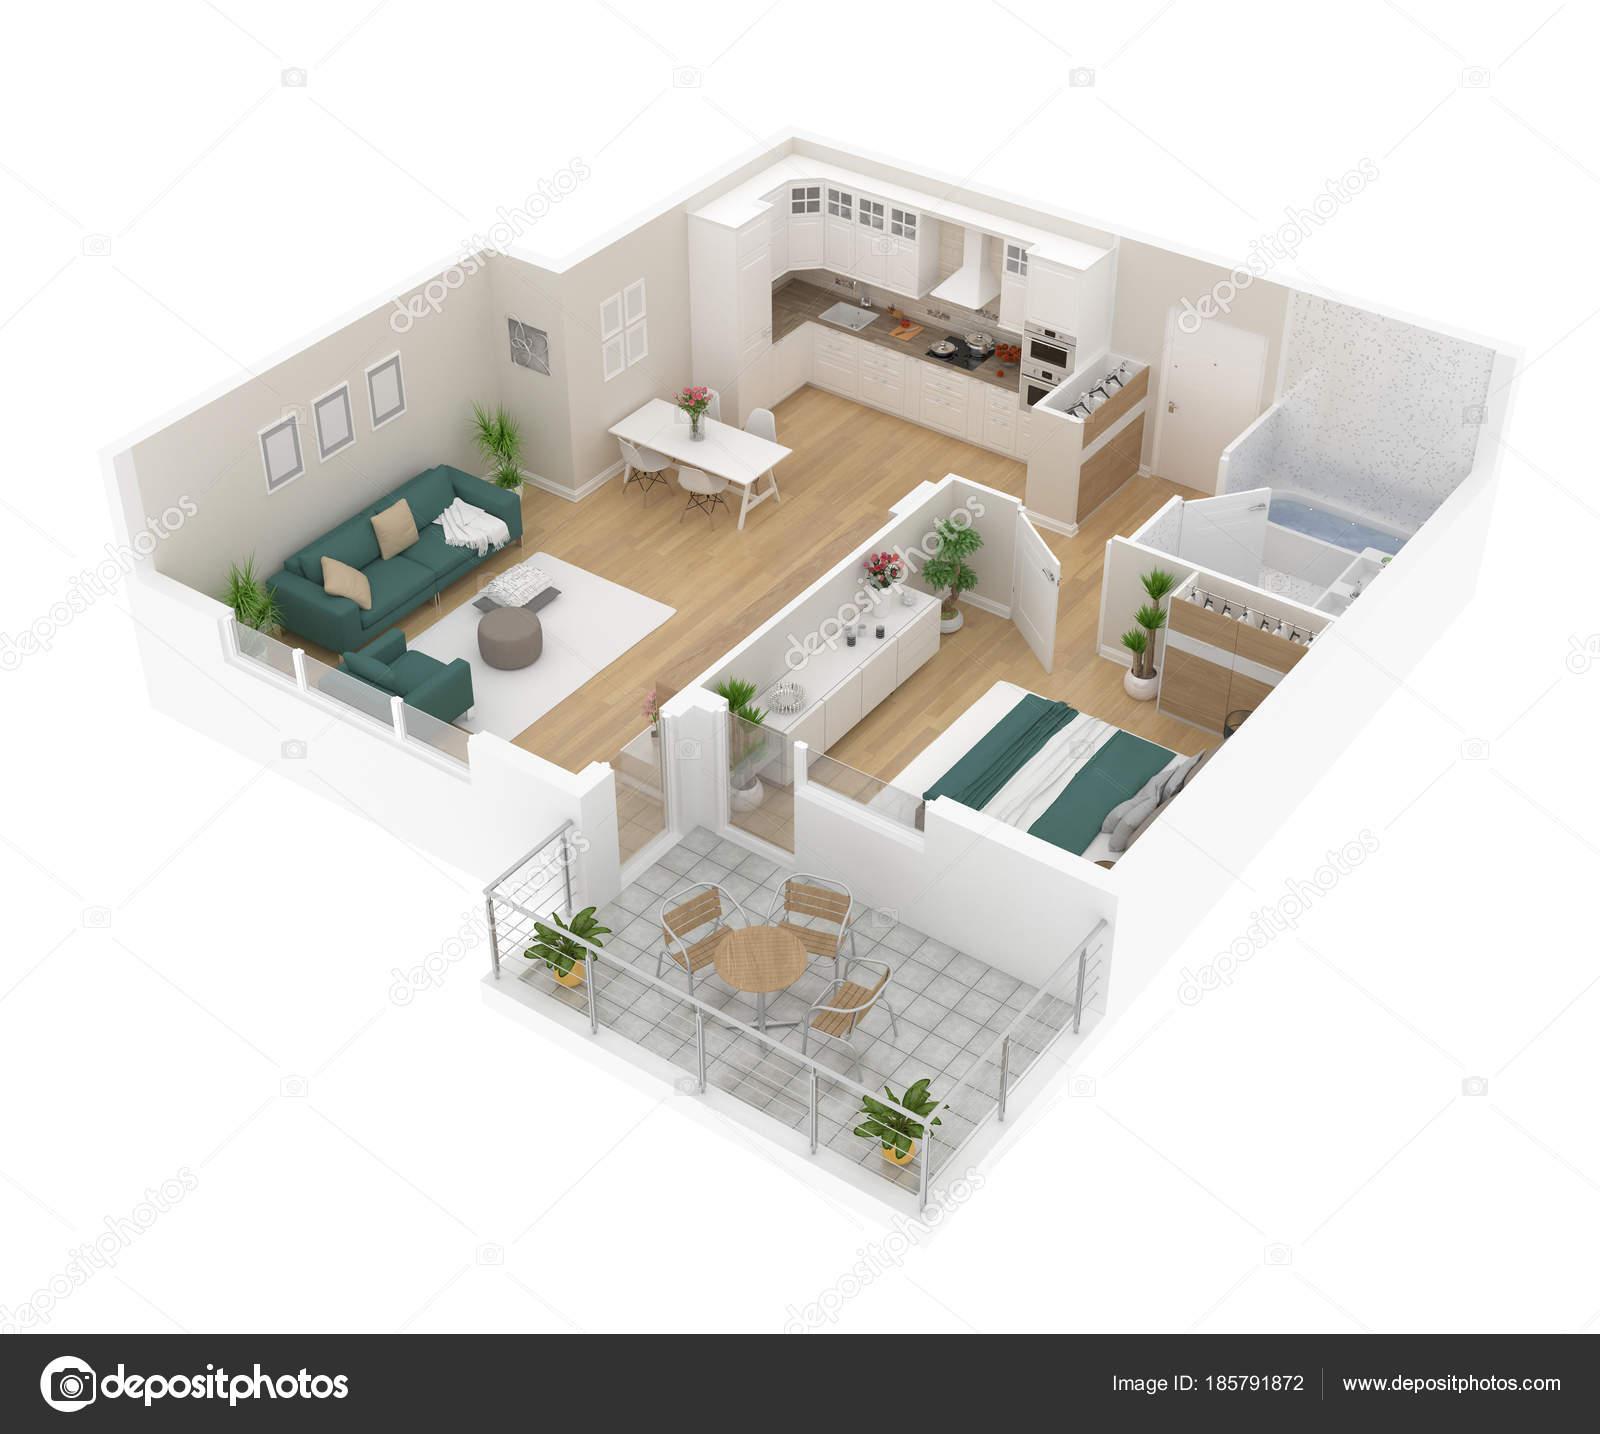 https://st3.depositphotos.com/3856085/18579/i/1600/depositphotos_185791872-stockafbeelding-bovenaanzicht-van-plattegrond-appartement-interieur.jpg